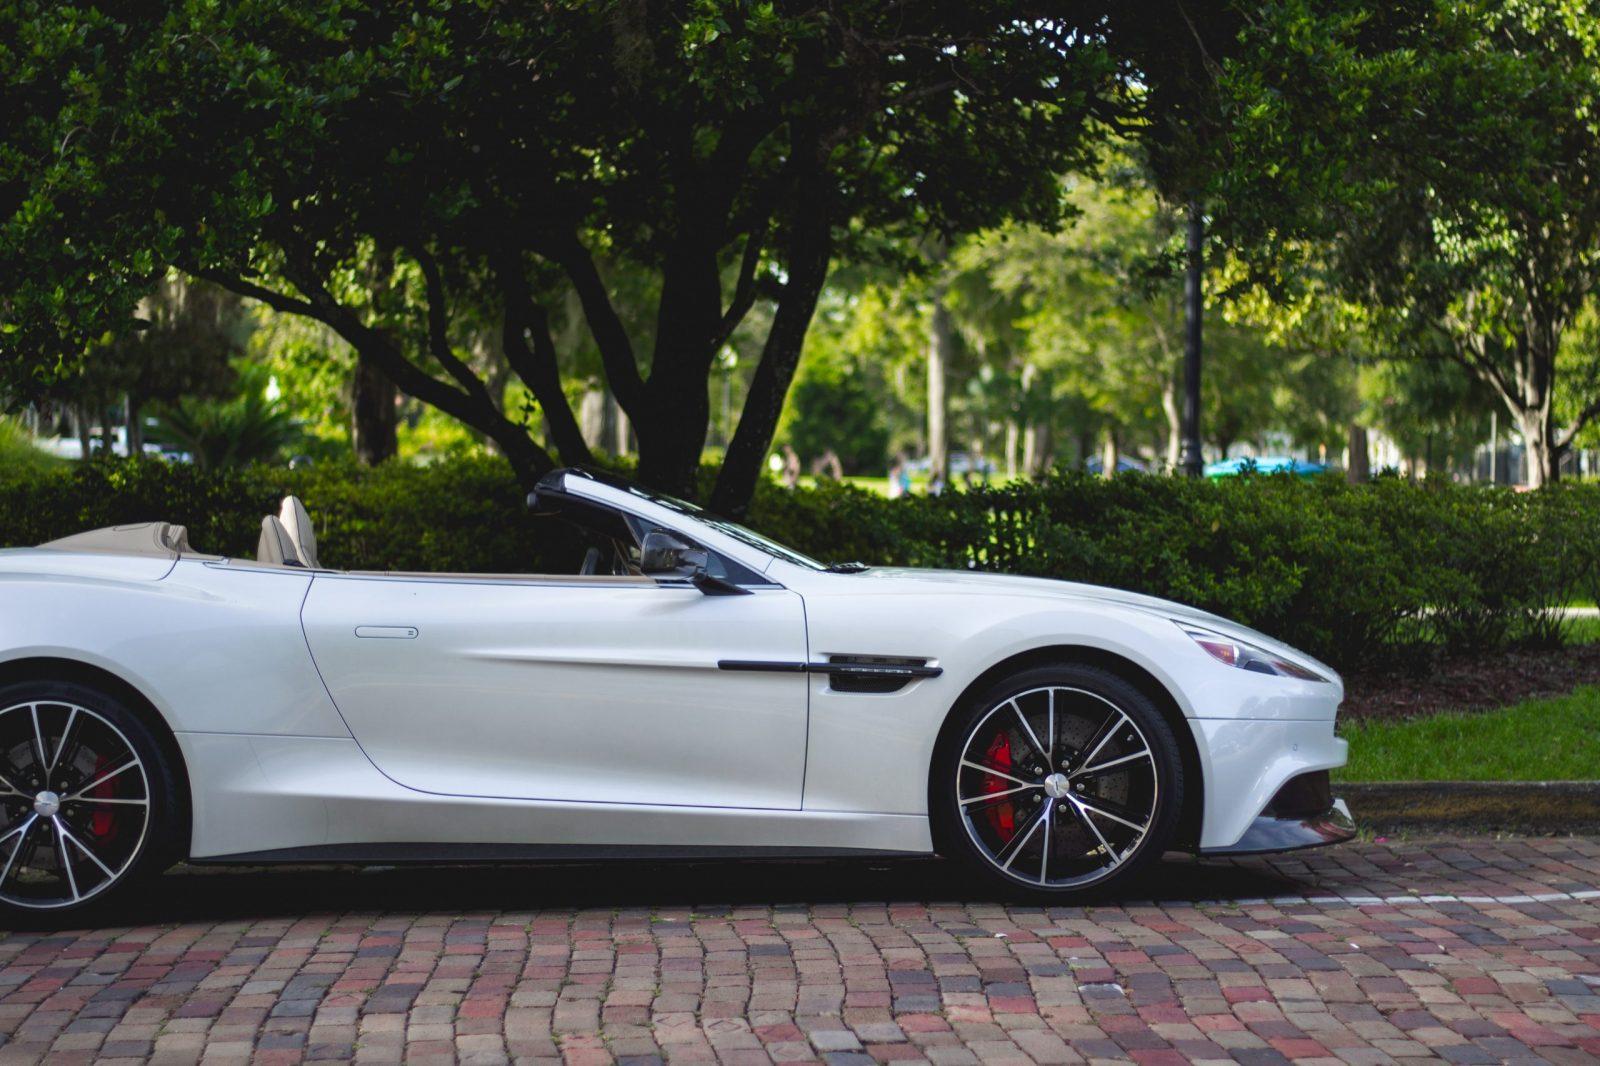 Le directeur financier d'Aston Martin quitte la société pendant que les pertes du constructeur continuent à augmenter